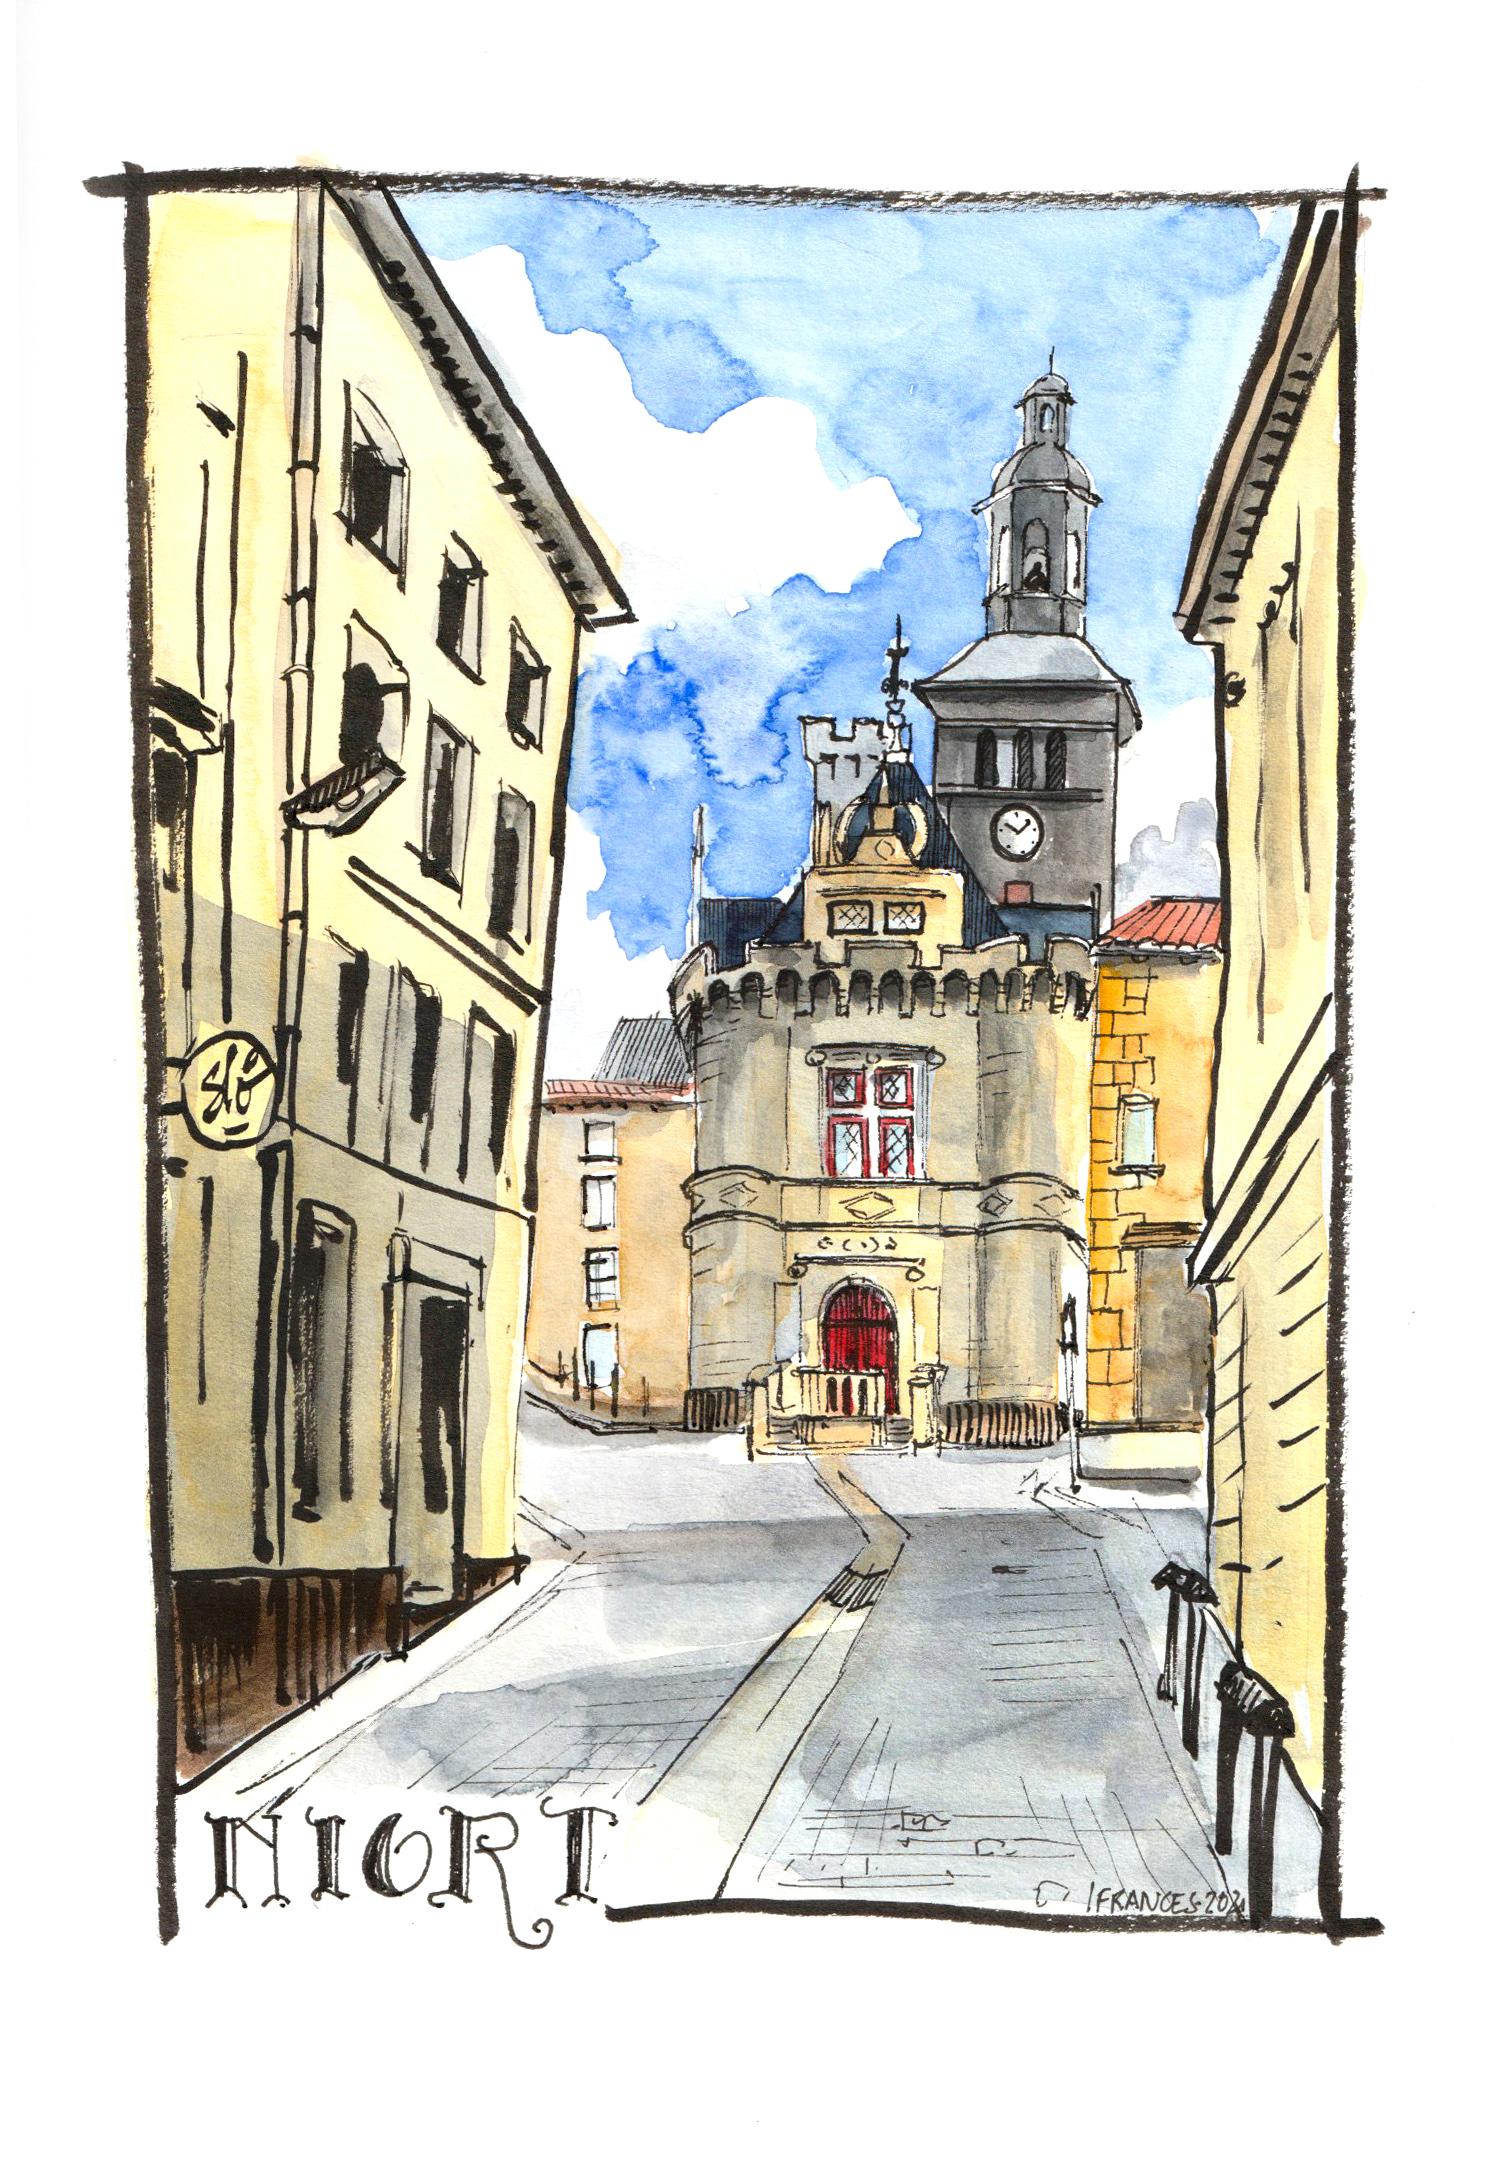 croquis aquarelle du Pilori, ancien Hotel de ville de Niort - ©I.Frances